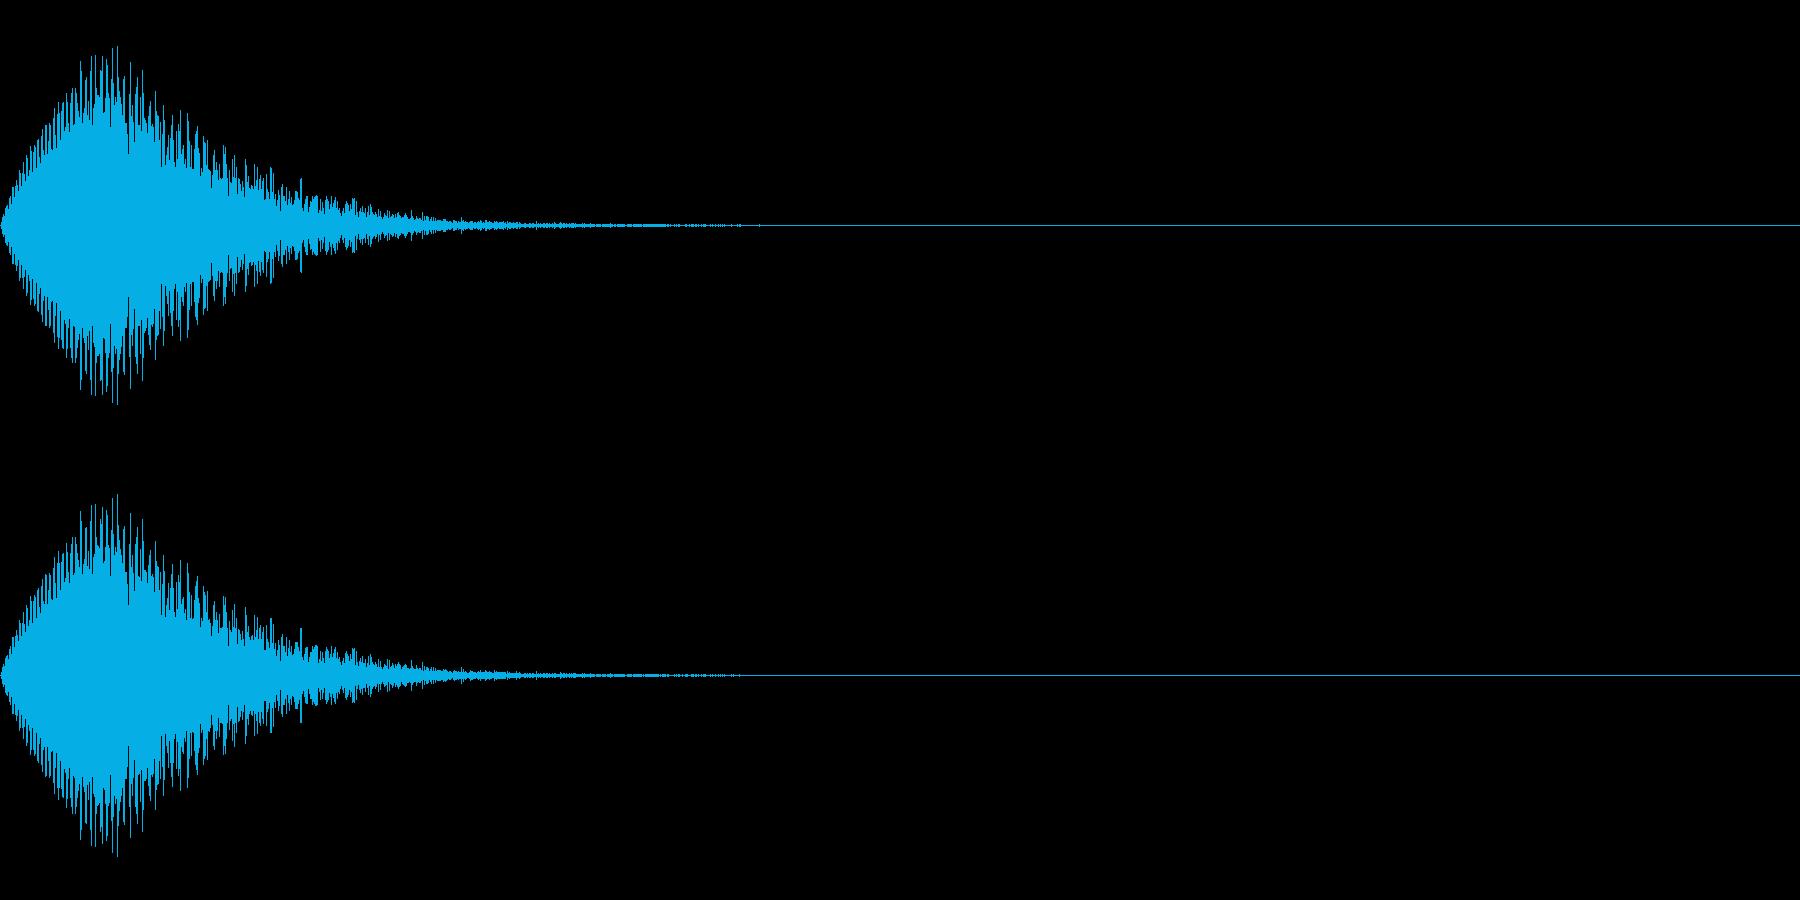 パワーダウン/ワープ/場面転換の再生済みの波形